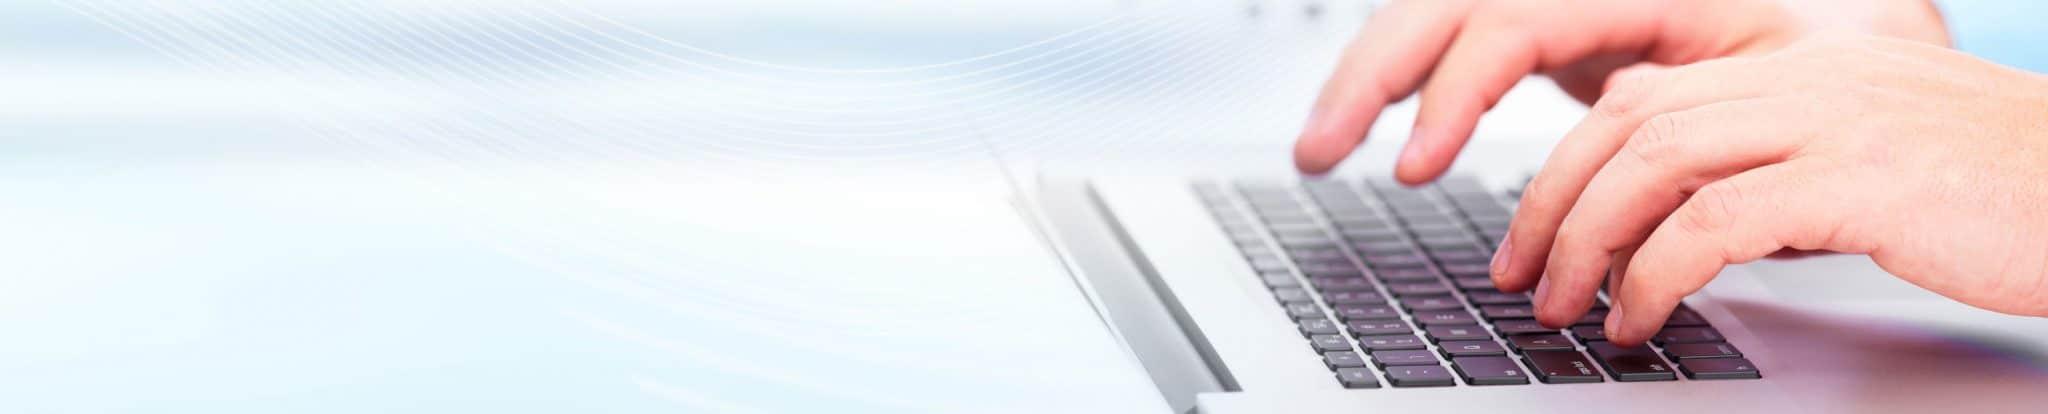 Registrierung Michl Group Newsletter Abo